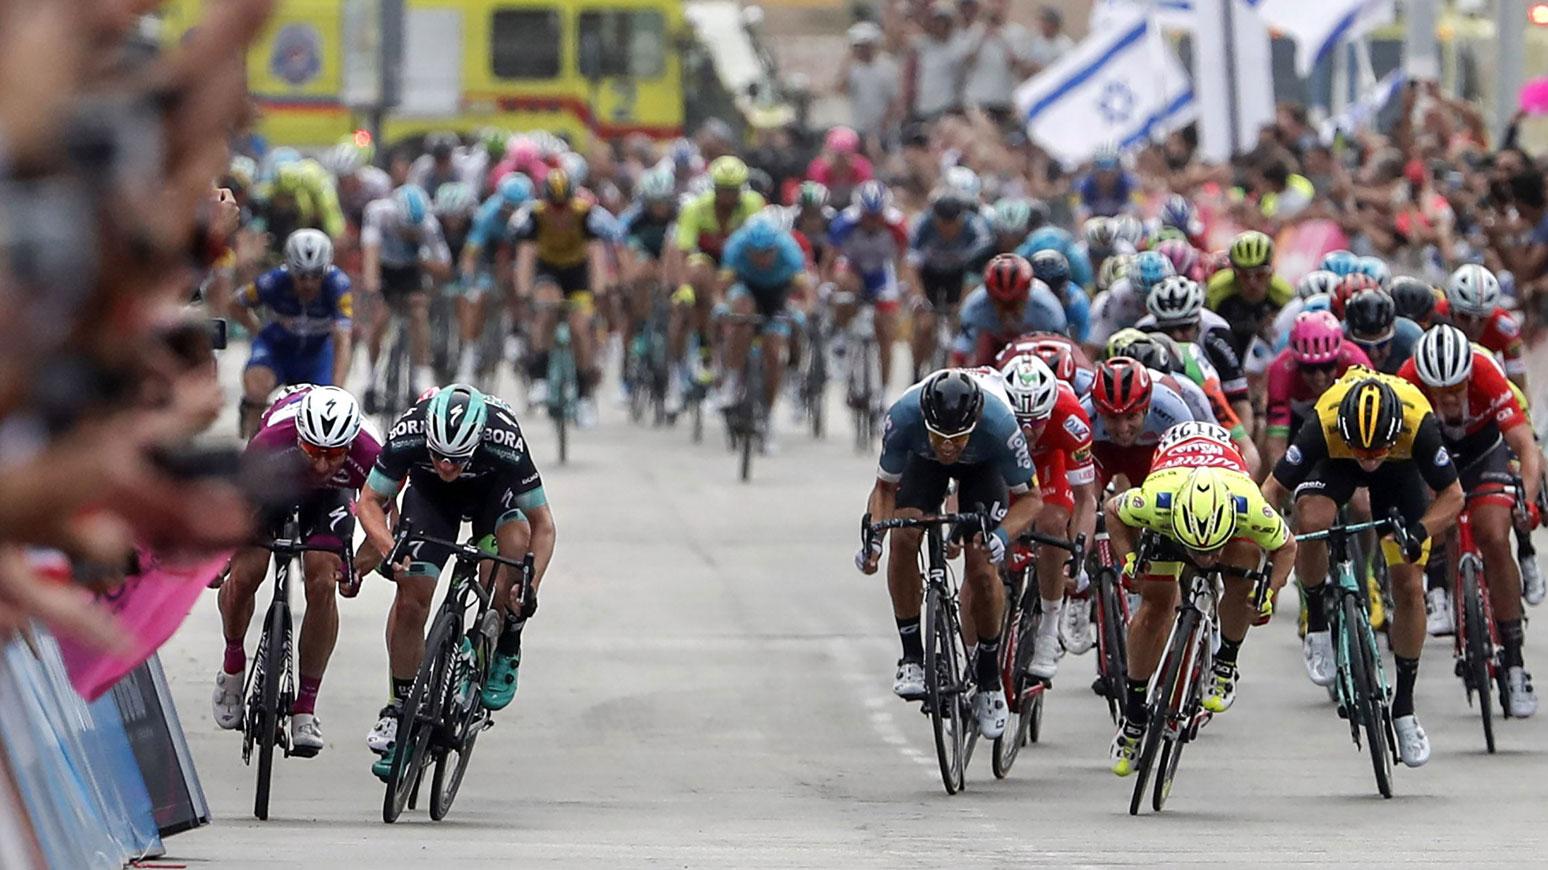 Keiner ist schneller als Viviani: der italiener gewinnt beide Sprinter-Etappen